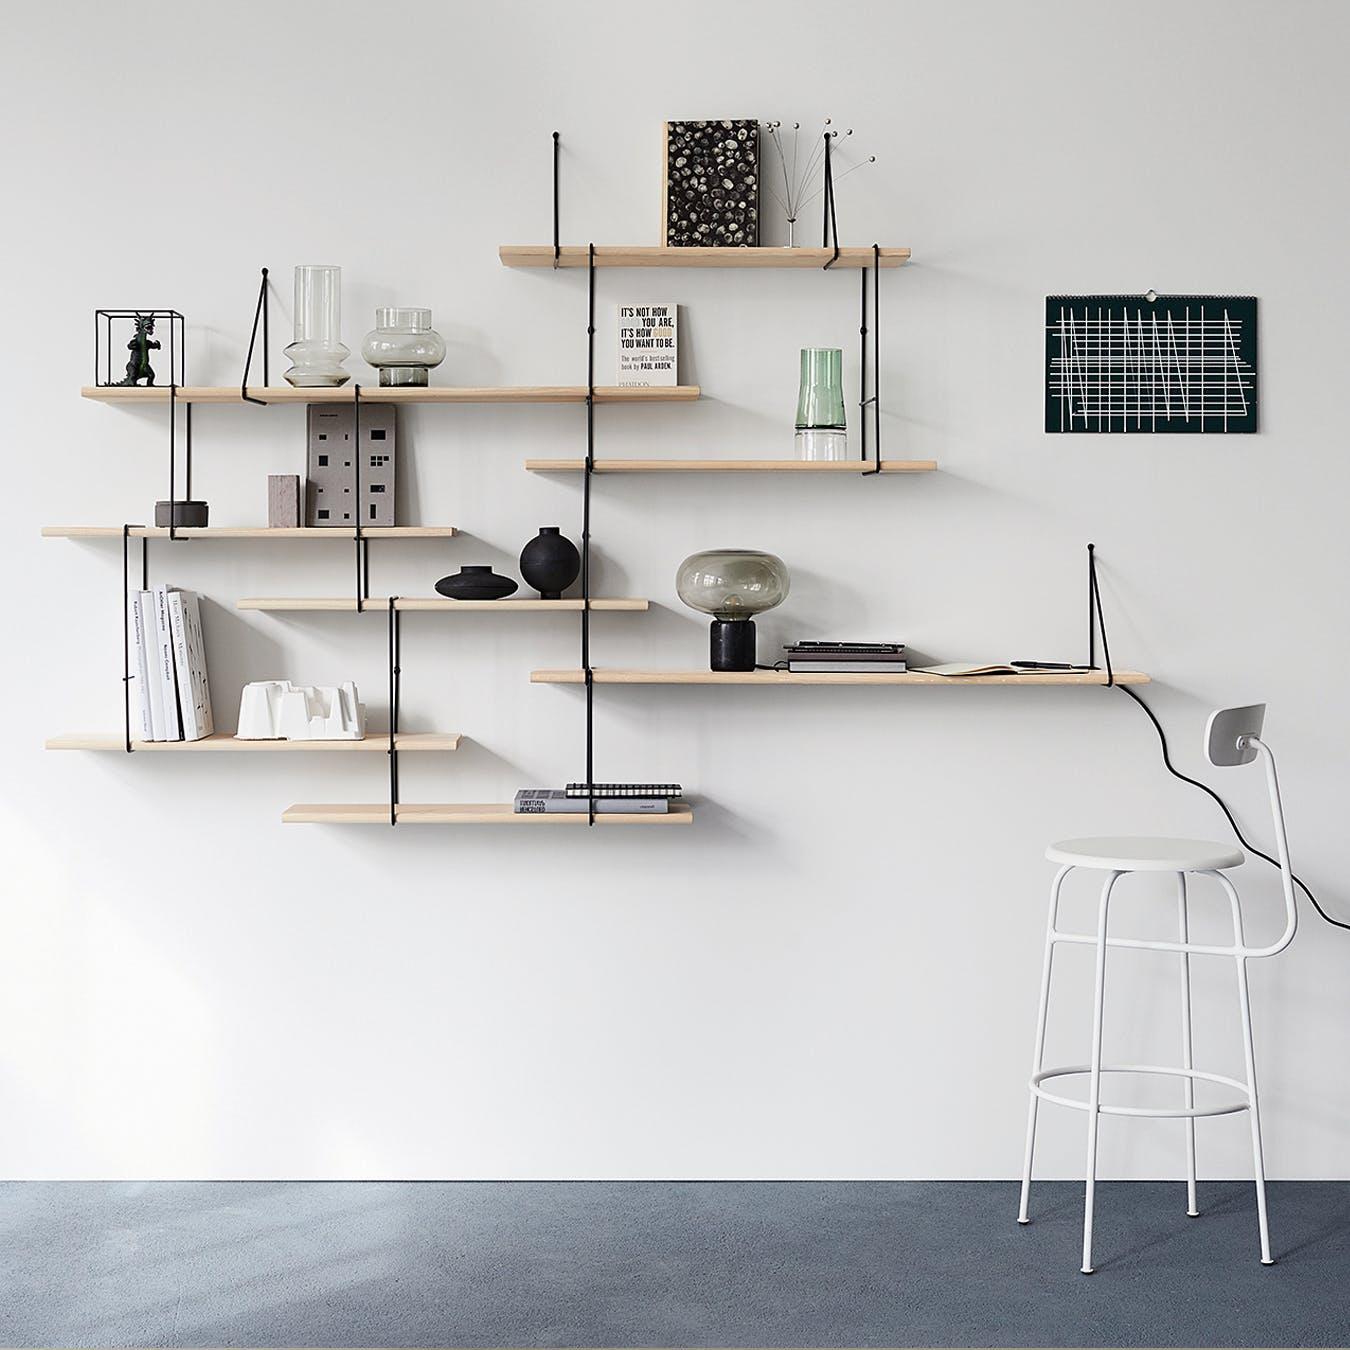 LINK Shelf, Setup 2, in Ash/Black